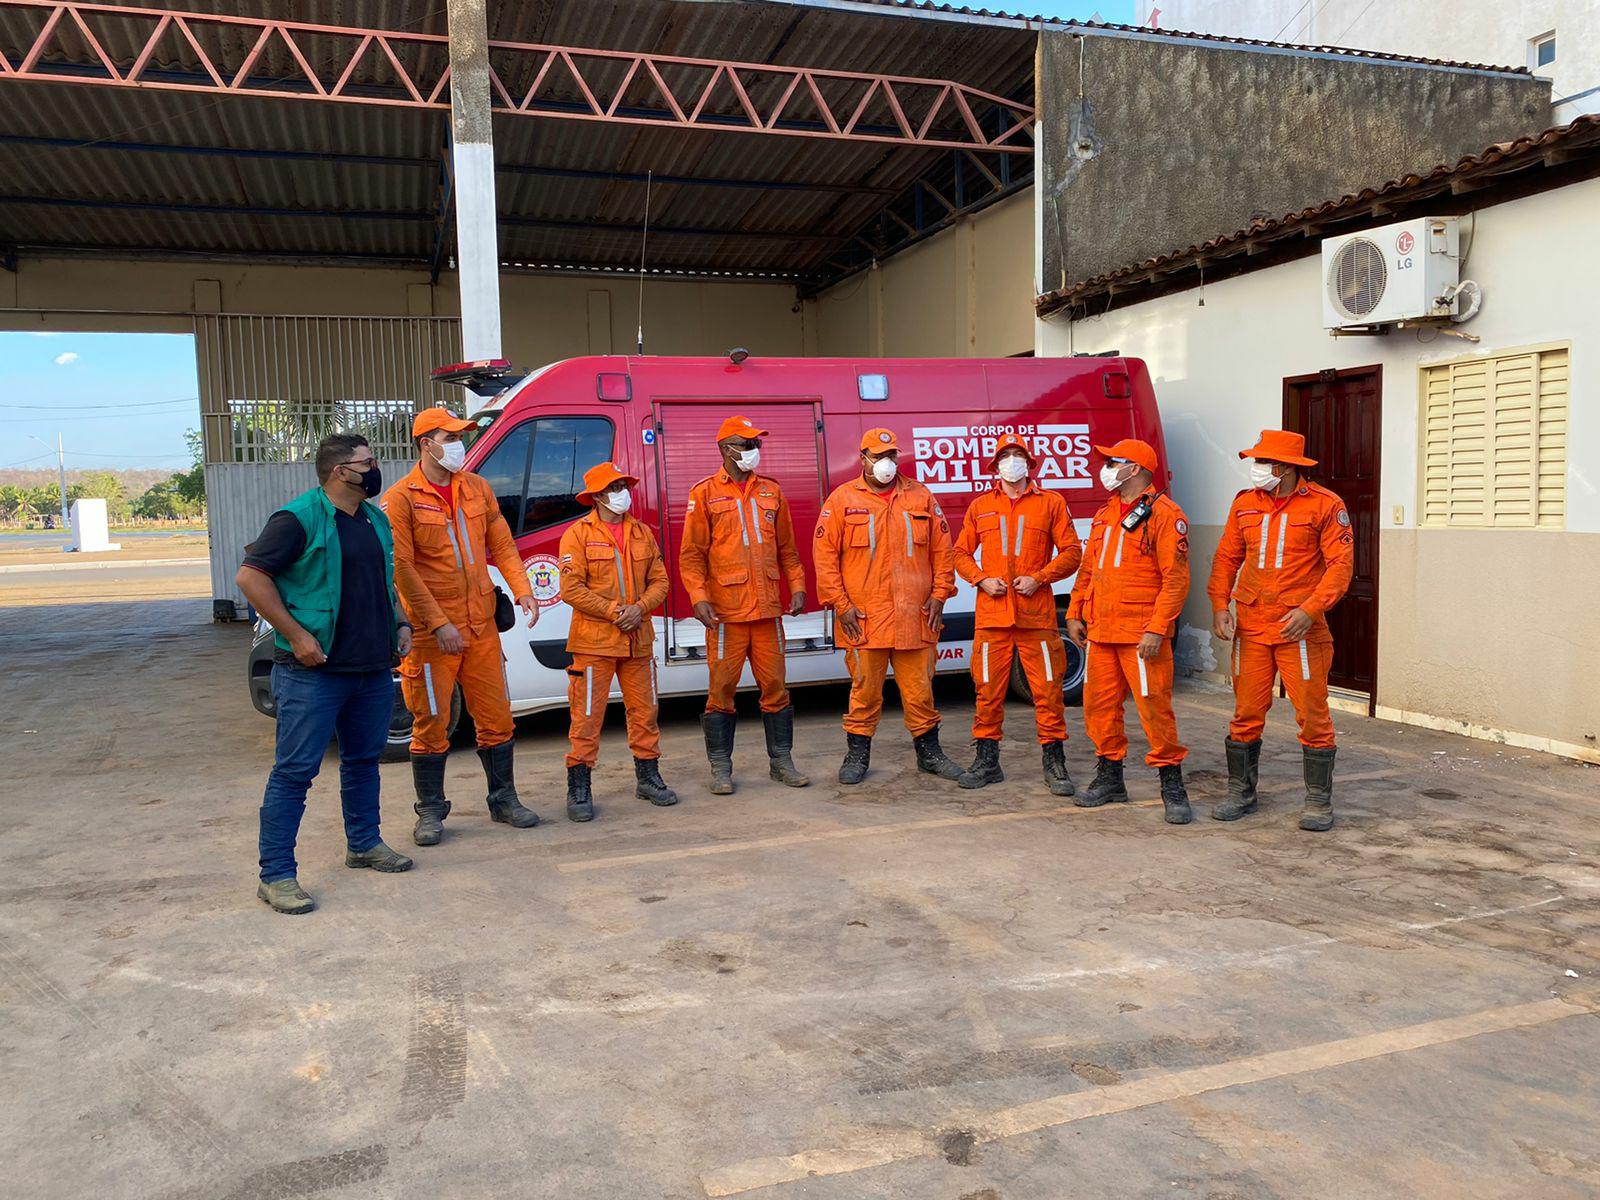 *Equipes do 17º GBM debelam incêndio florestal em Formosa do Rio Preto*